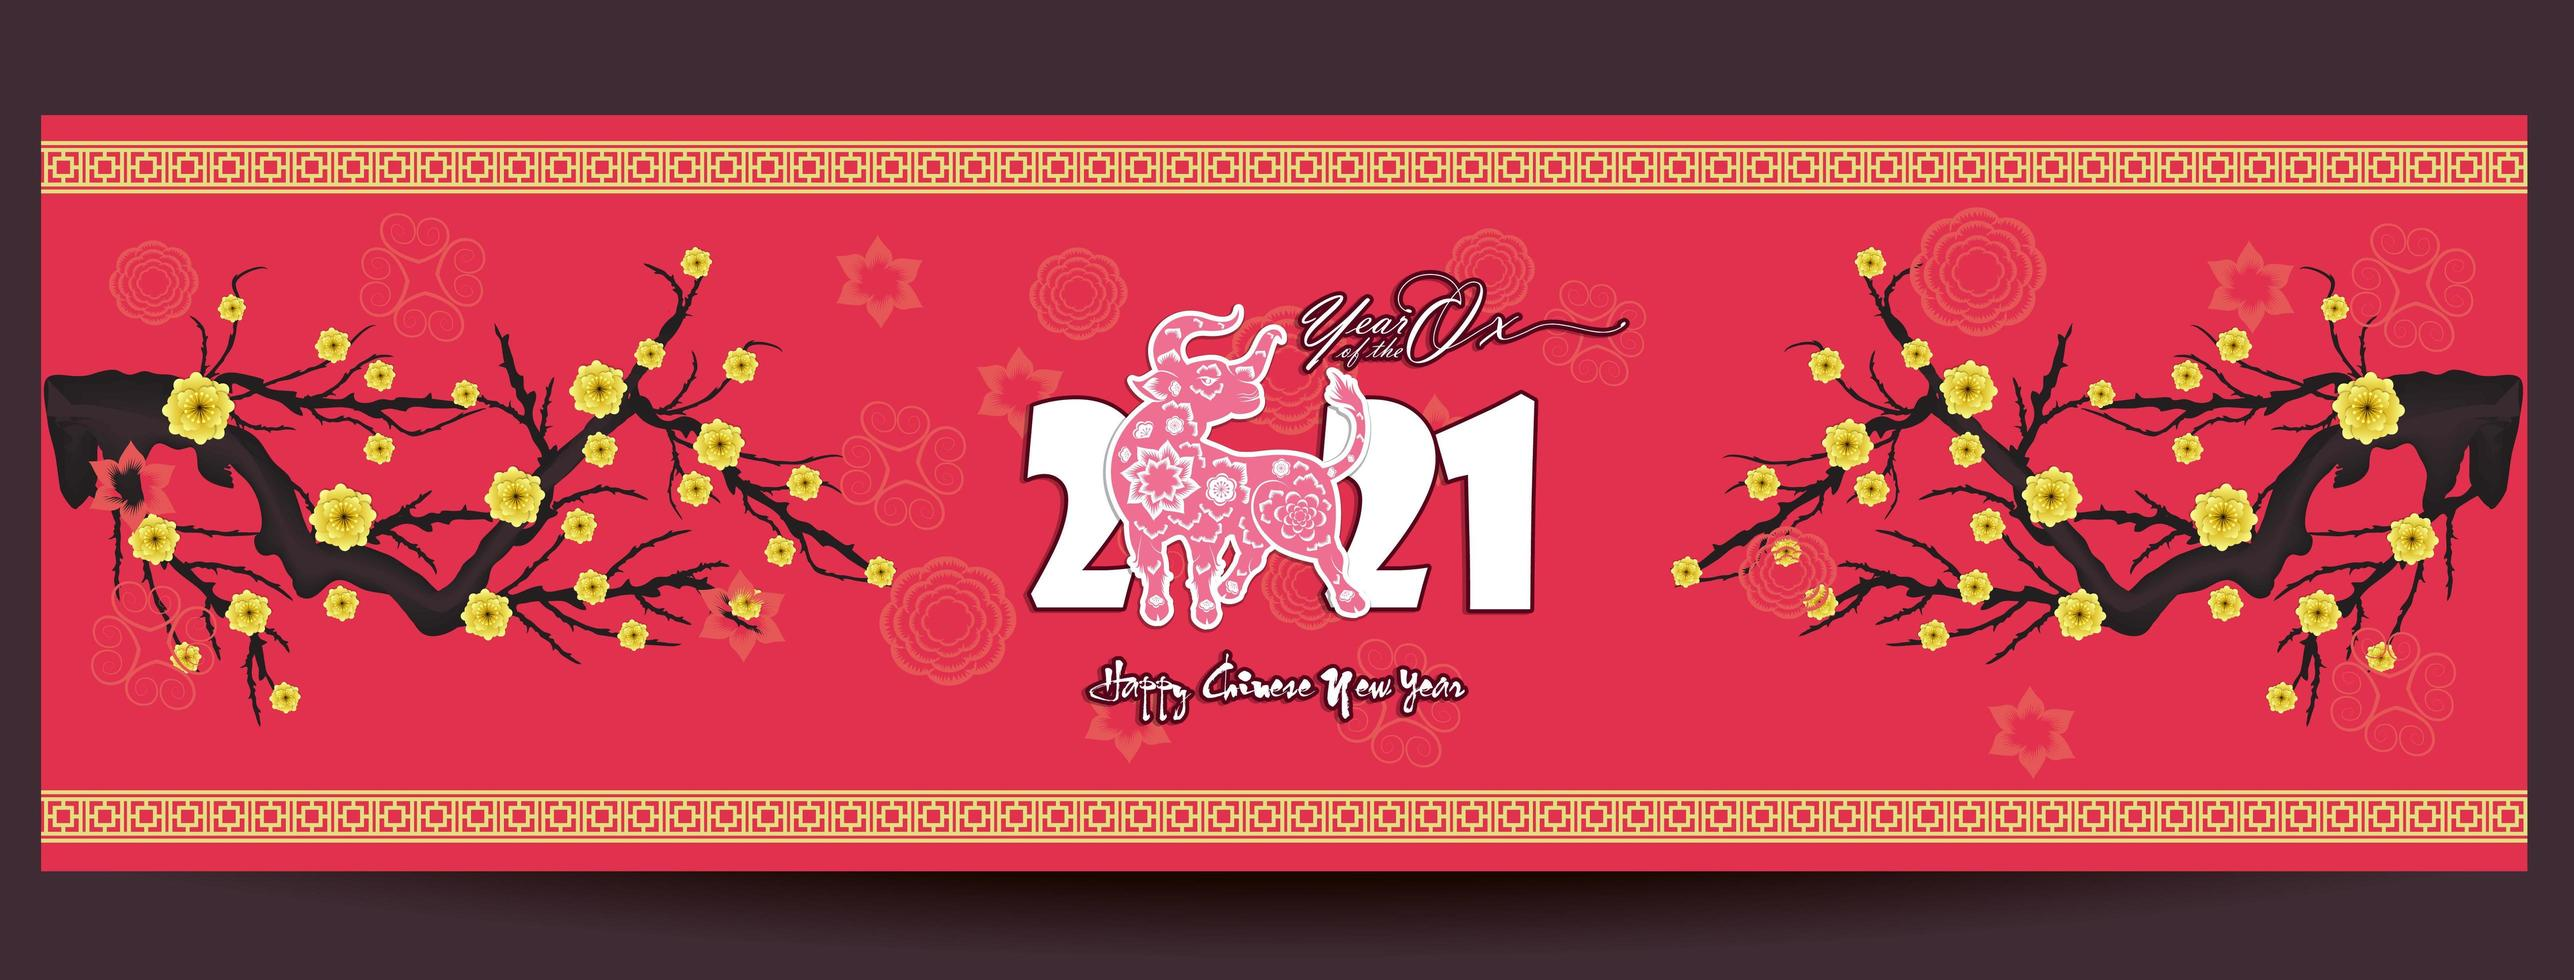 699629-banniere-pour-le-nouvel-an-chinois-2021-vectoriel